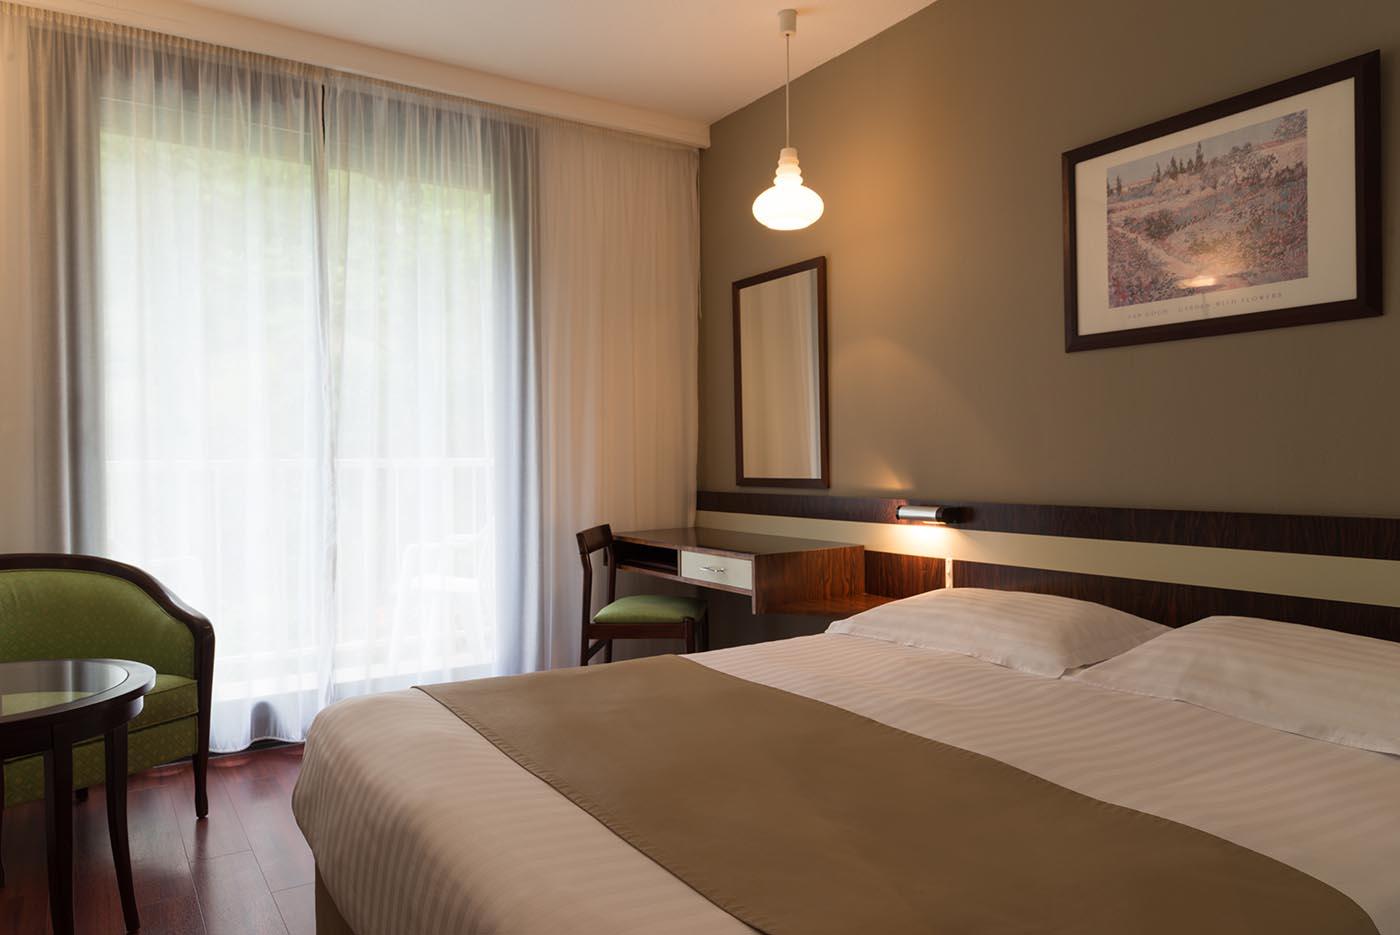 Chambres confort double de l'Hôtel Villa Borghese à Gréoux-les-Bains (04800)